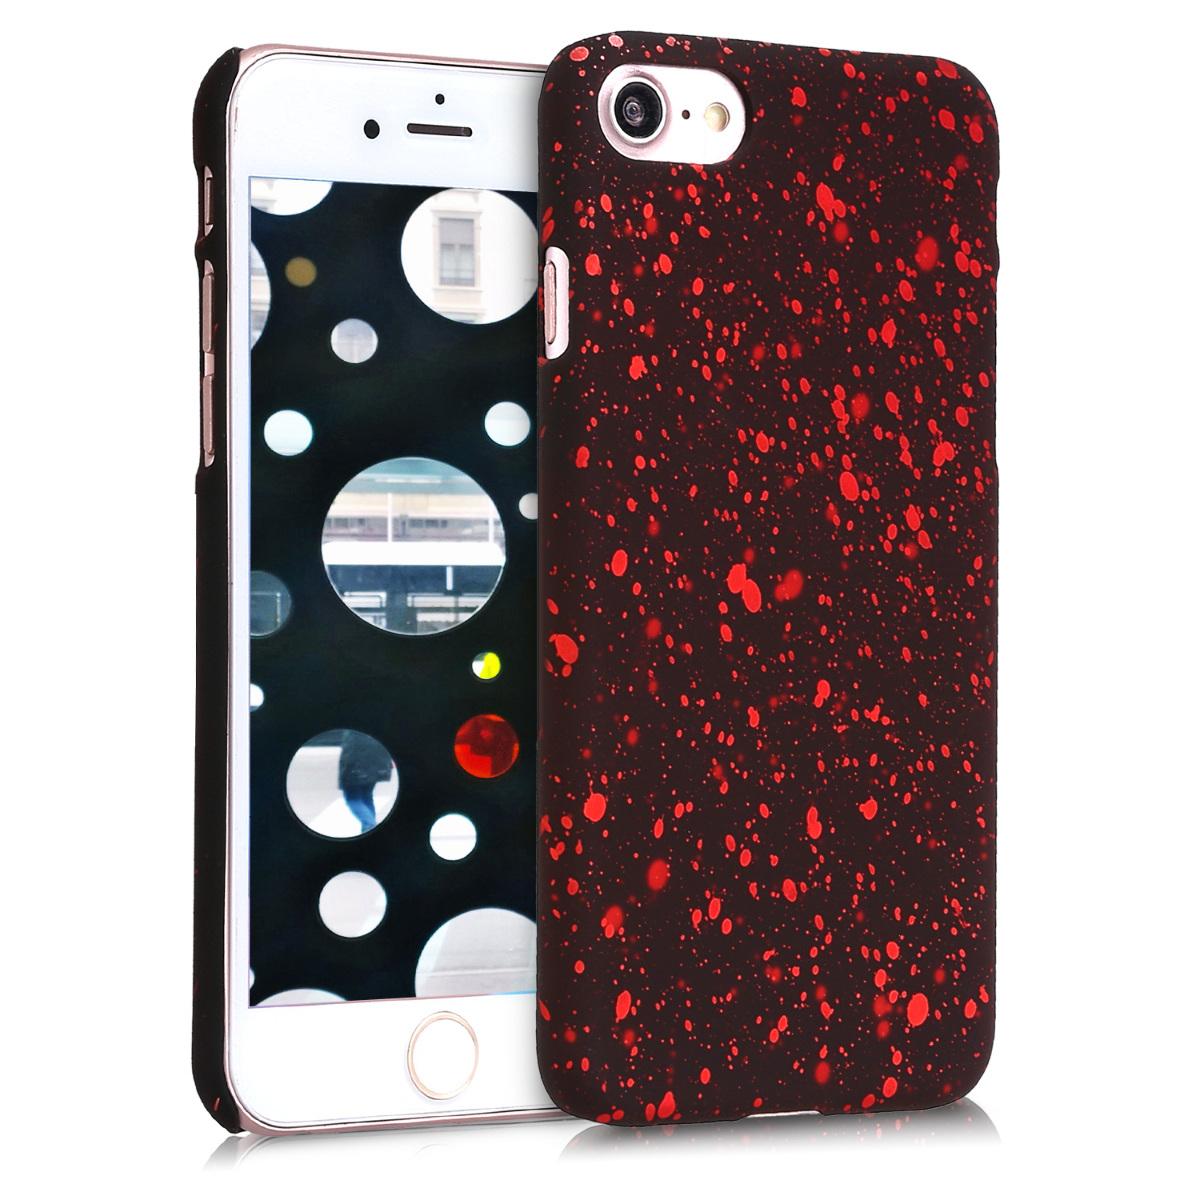 KW Slim Anti-Slip Cover - Σκληρή Θήκη Καουτσούκ iPhone 7 / 8 - Red / Black (44861.01)